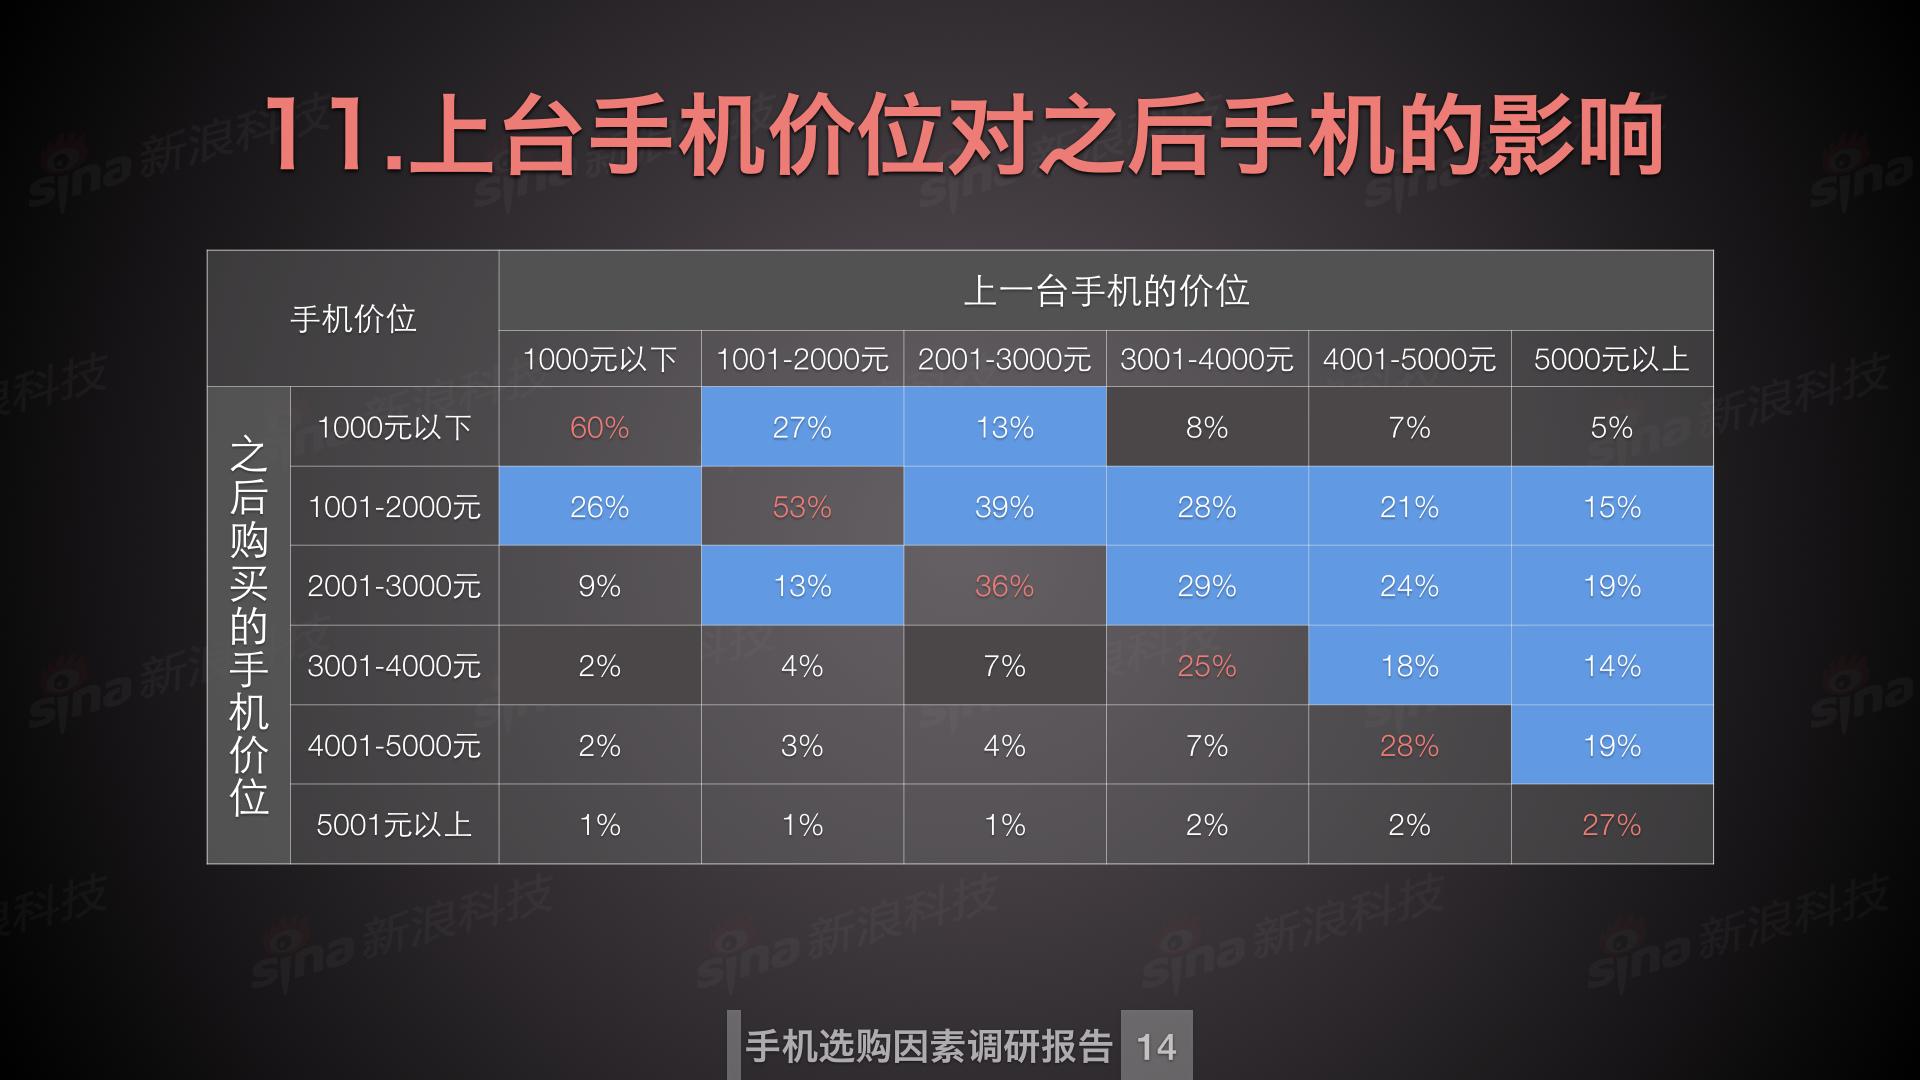 新浪科技数据中心_购买手机因素调研.015